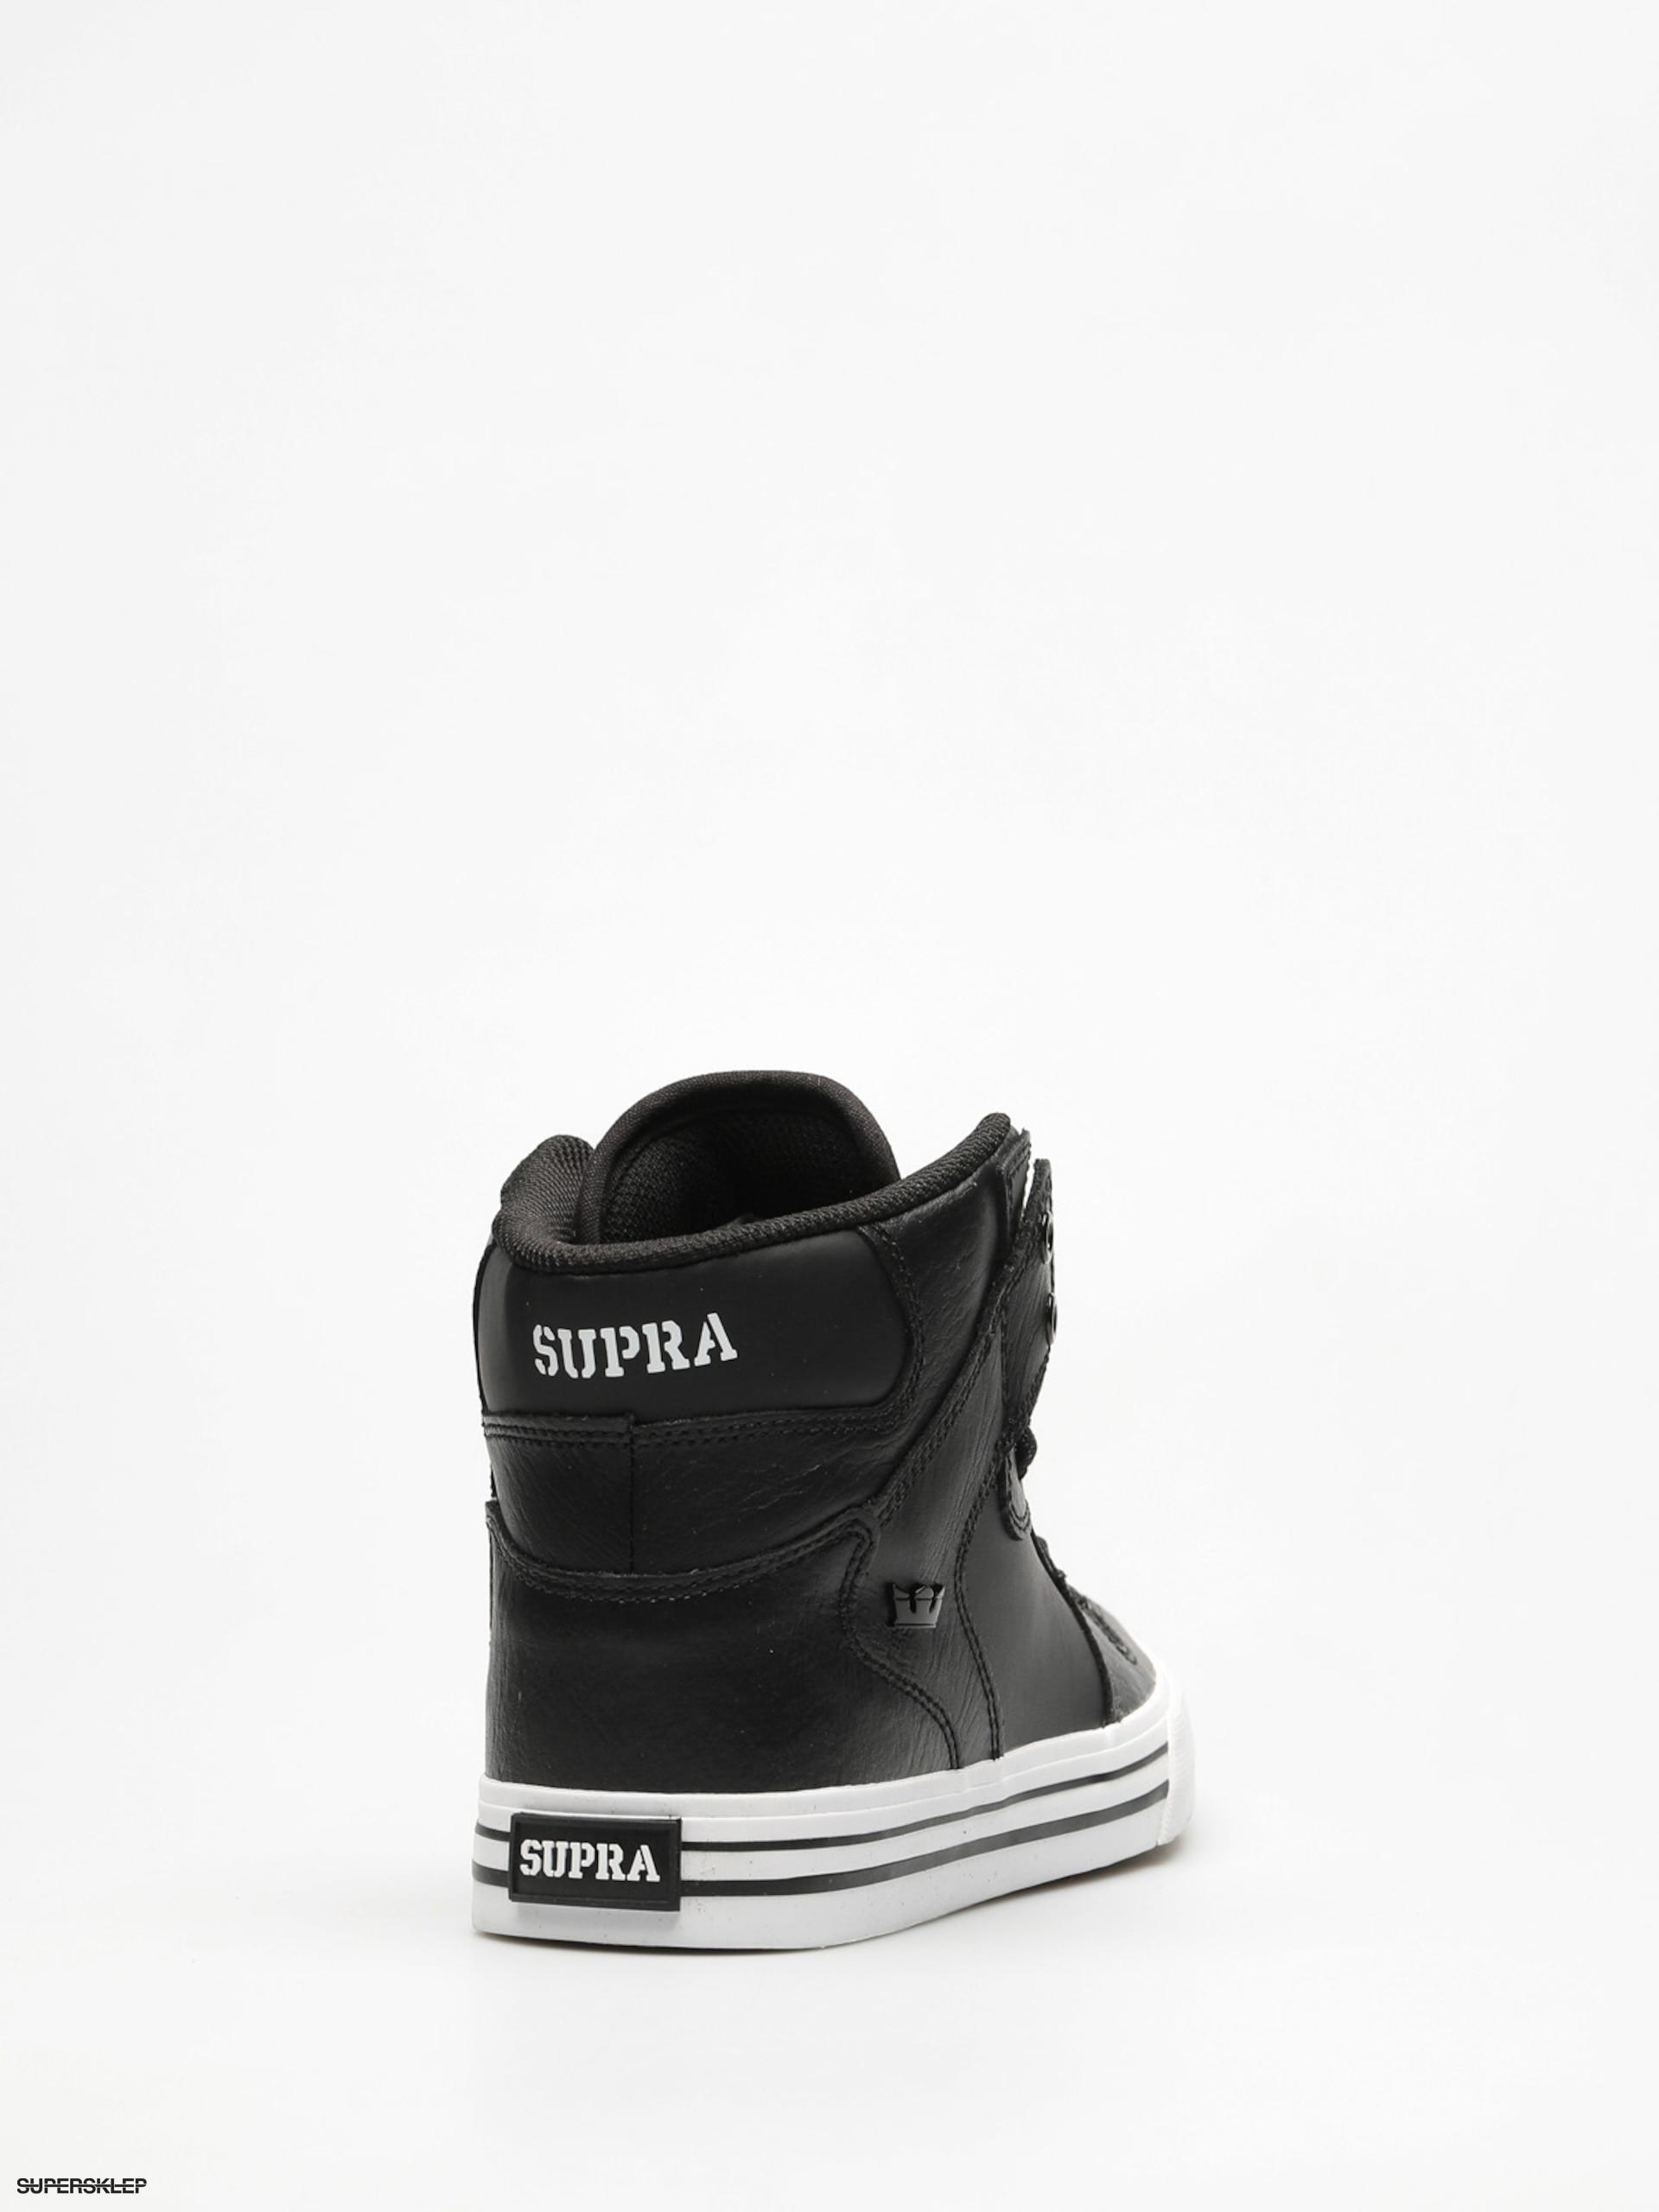 Topánky Supra Vaider (black white)  br    7d350dc62e6